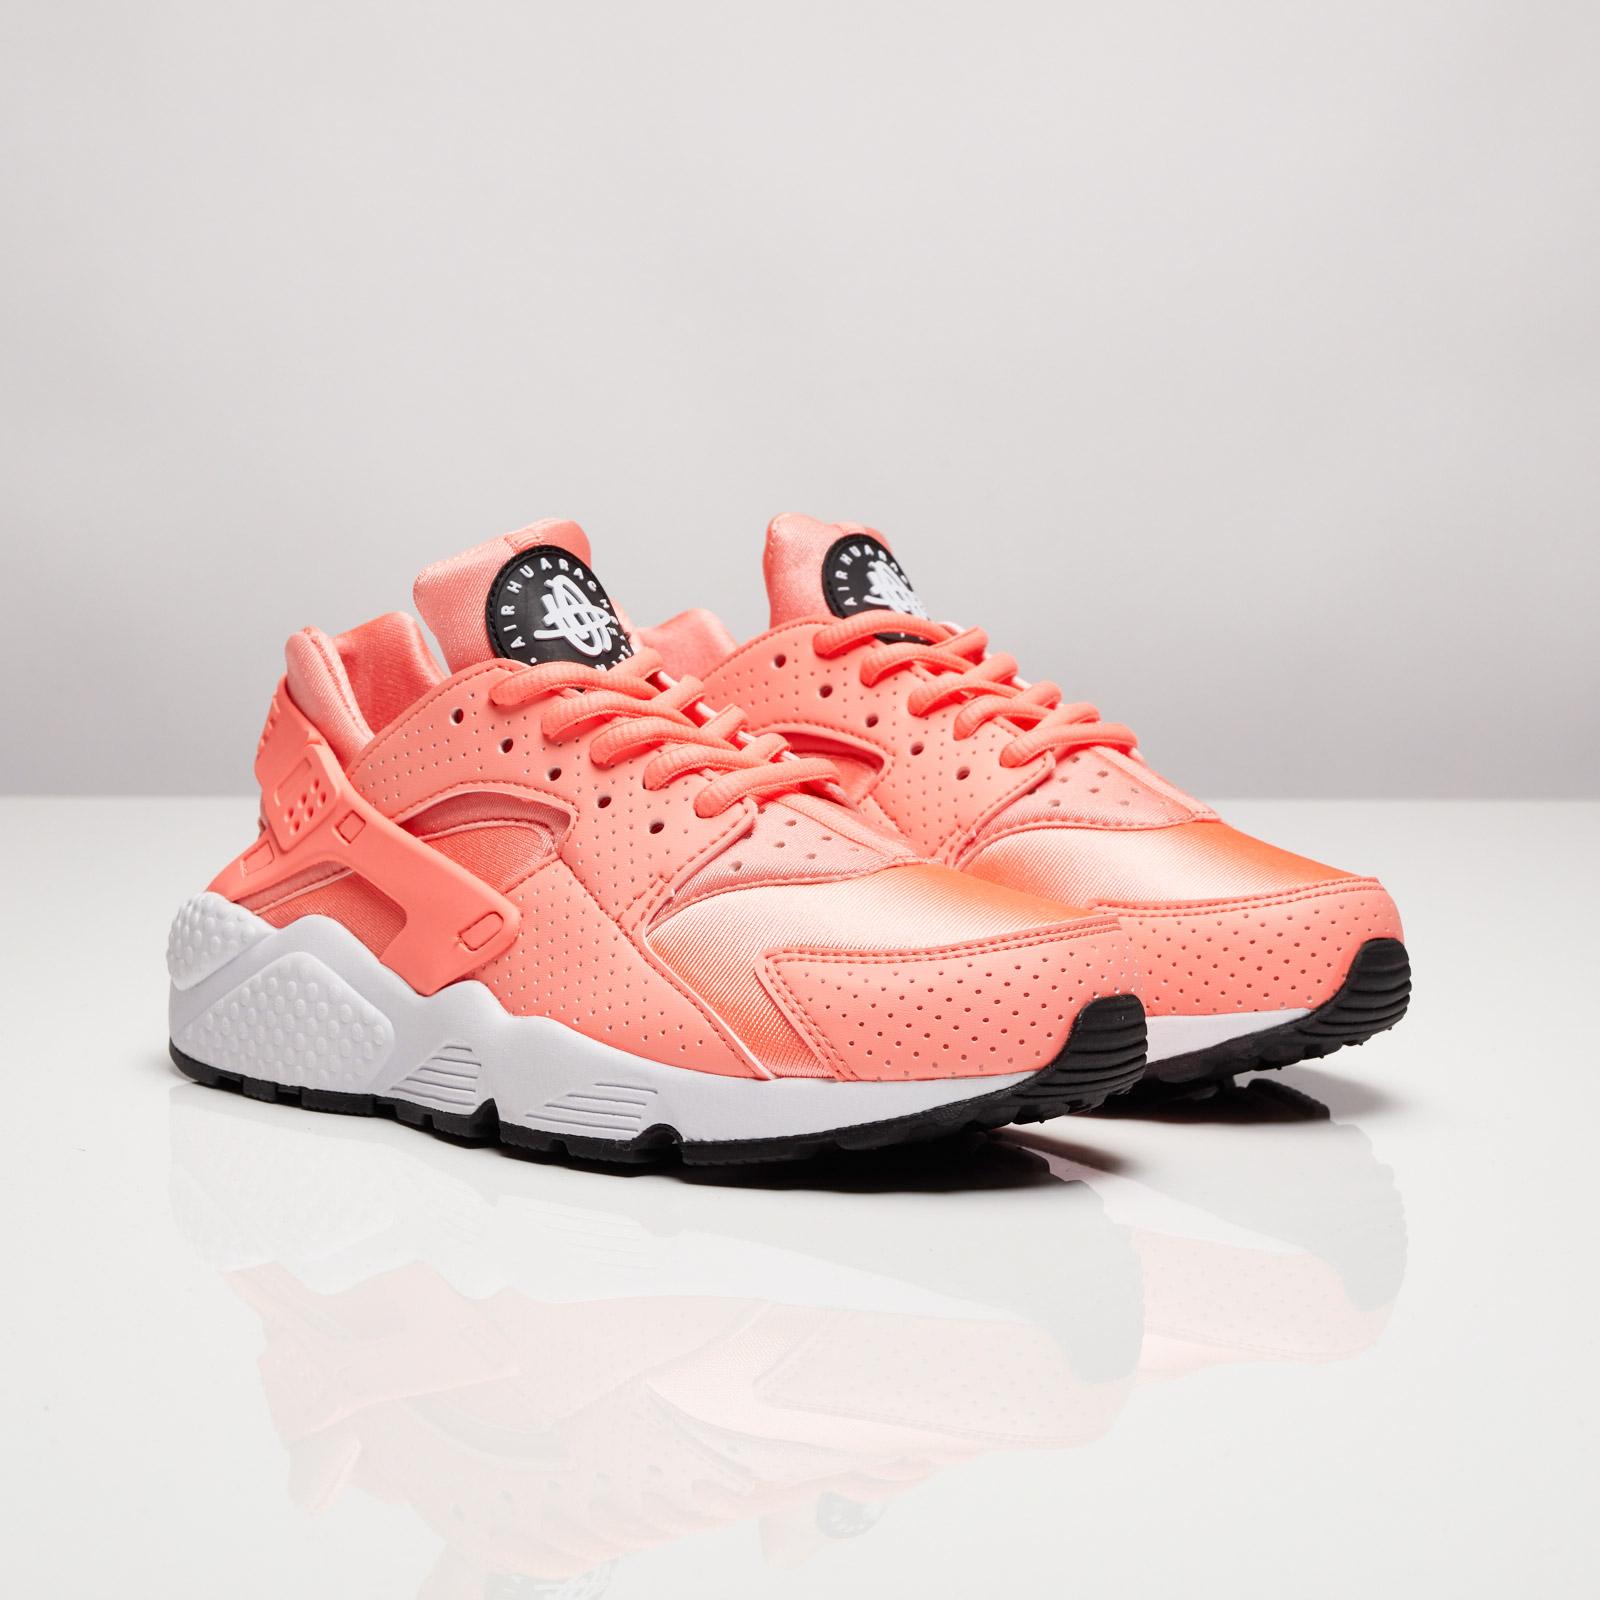 Nike Wmns Air Huarache Run 634835 603 Sneakersnstuff